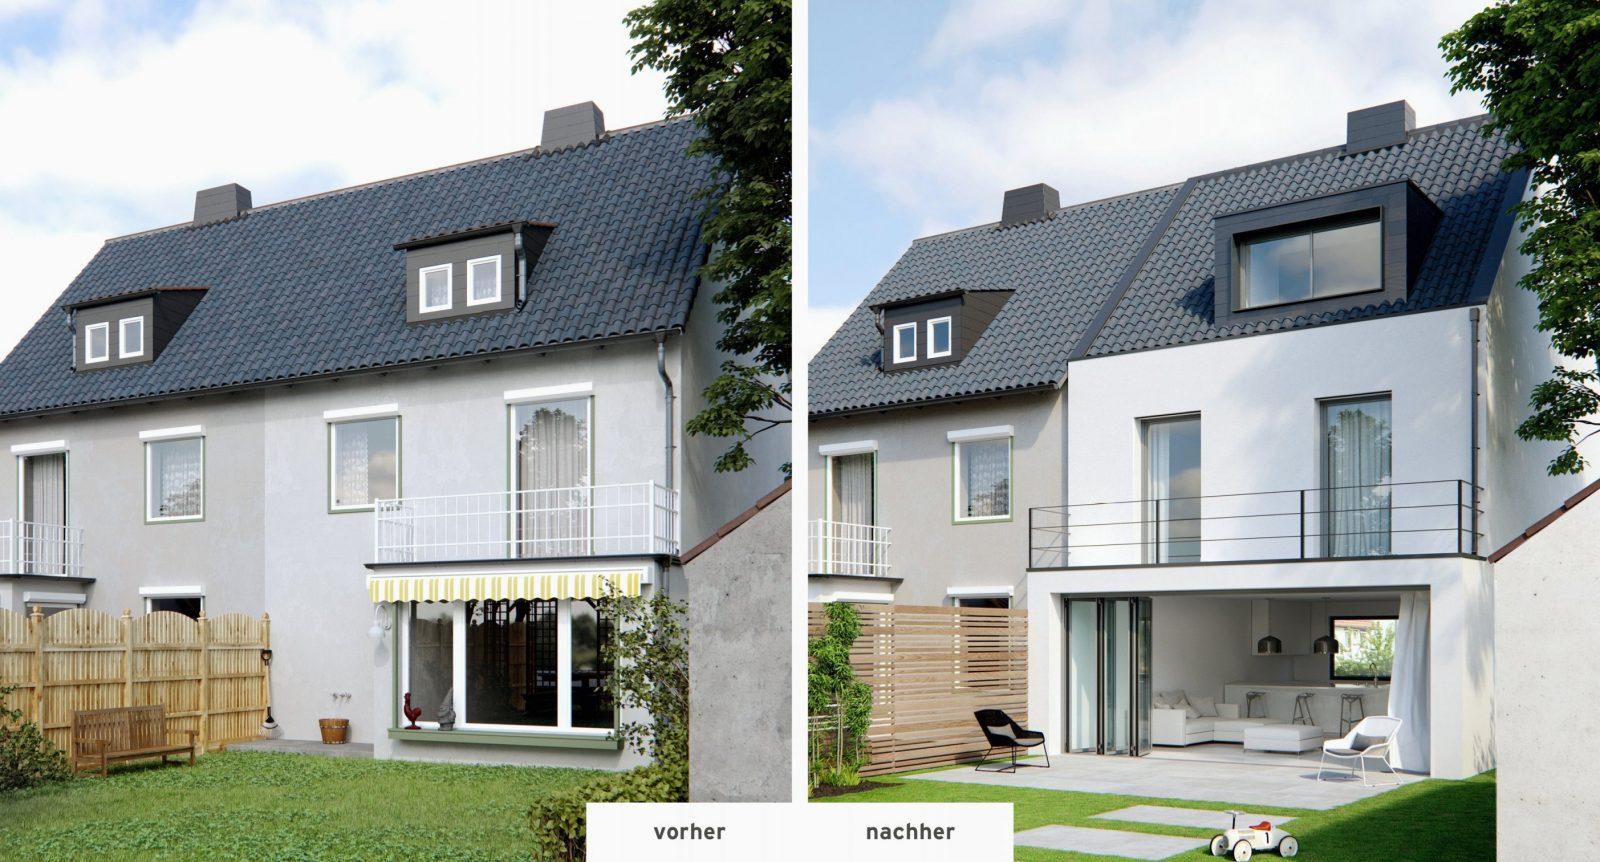 Haus Aufstocken Vorher Nachher Günstige Schön Haus Umbauen Vorher von Haus Aufstocken Vorher Nachher Bild